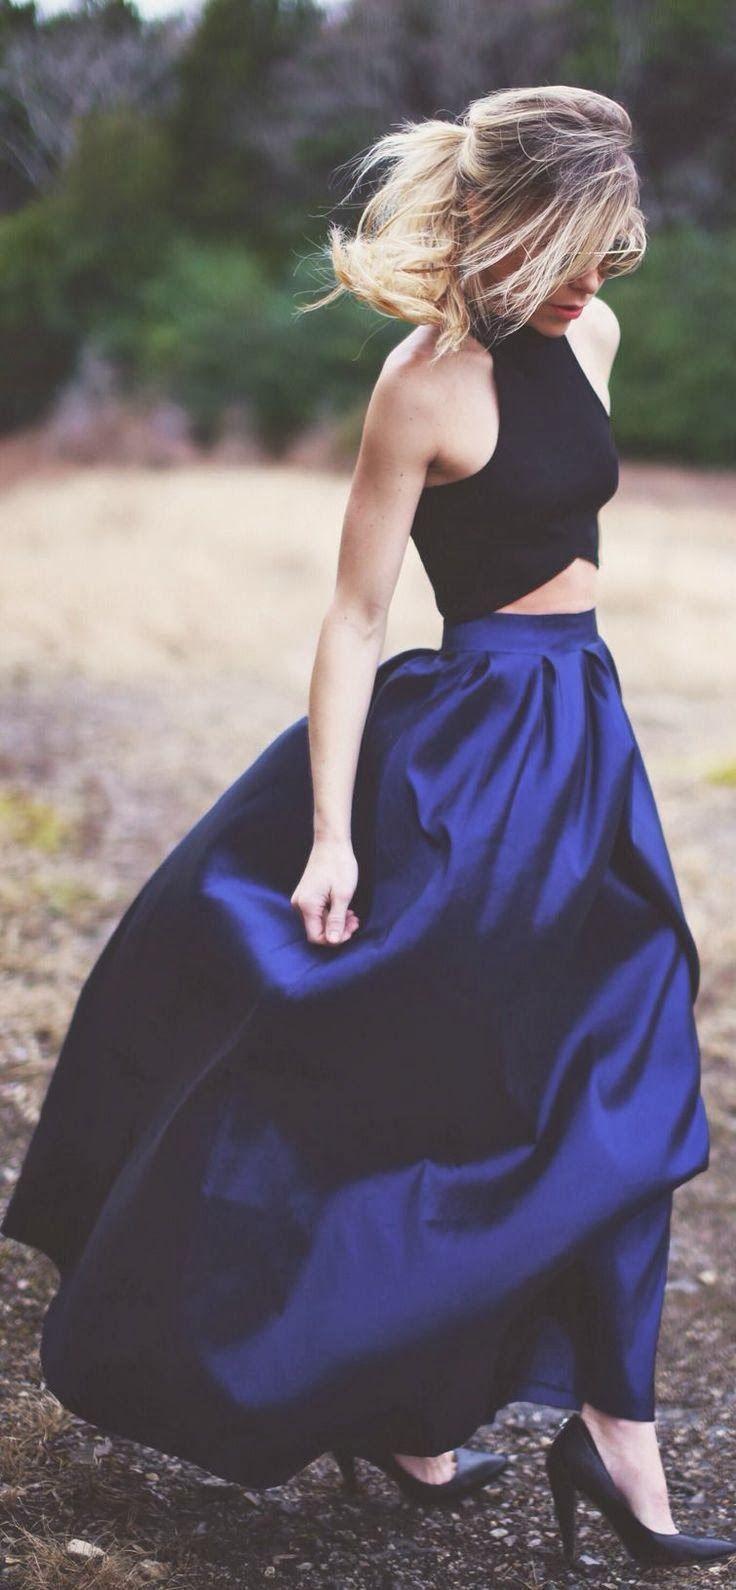 Falda azul y blusa negra ¿Qué opinas? #ConsejosModa